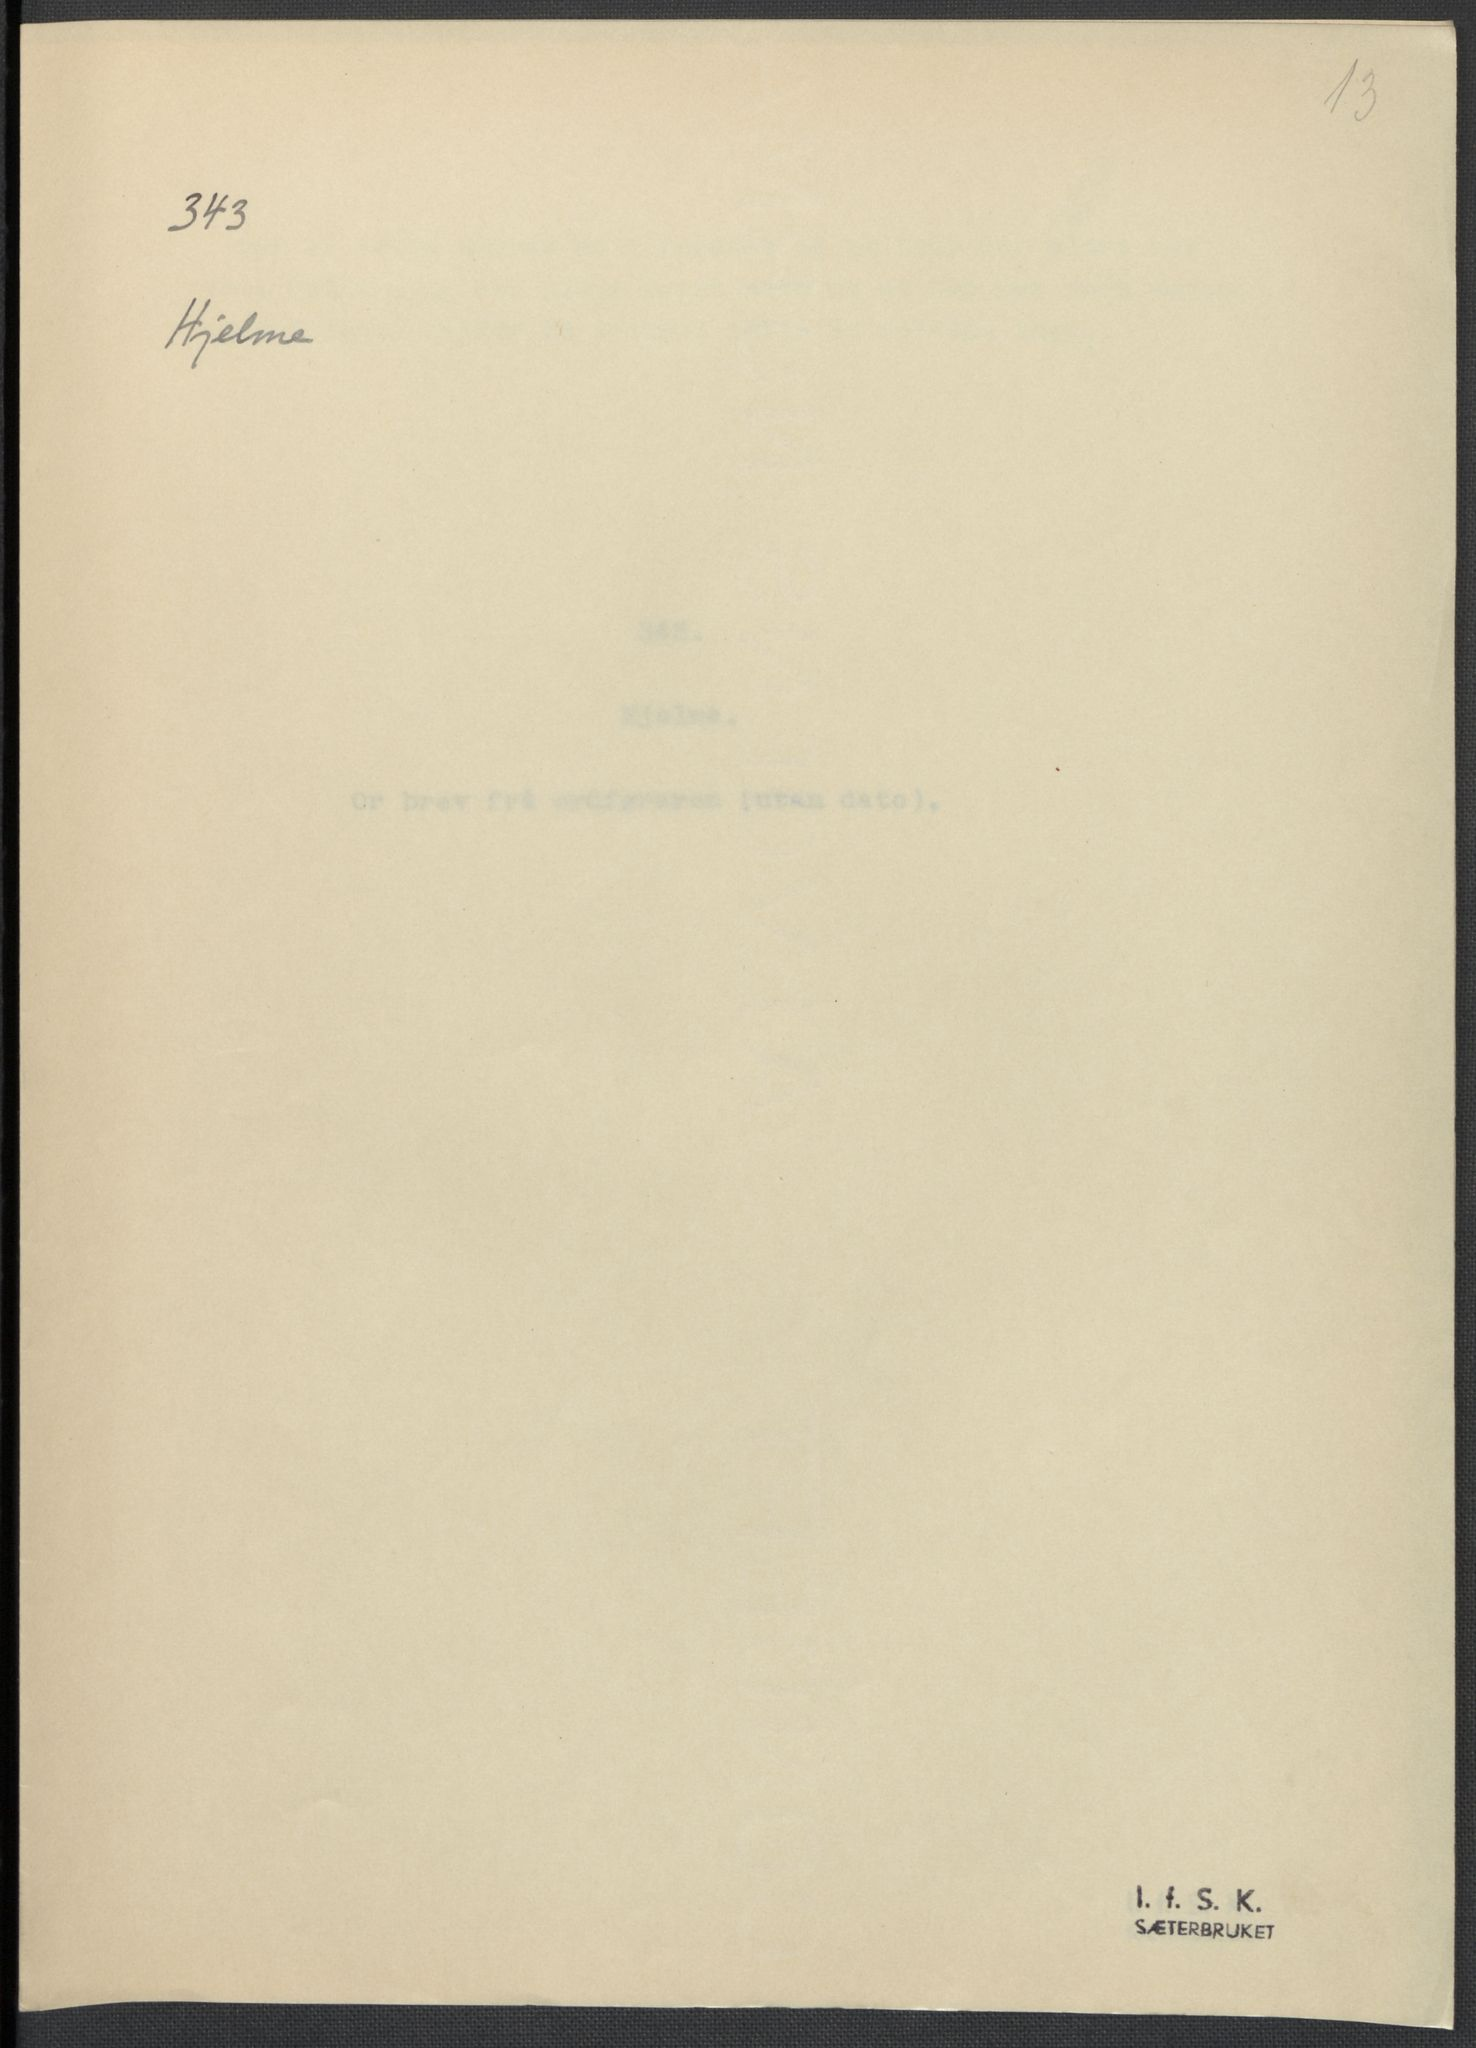 RA, Instituttet for sammenlignende kulturforskning, F/Fc/L0010: Eske B10:, 1932-1935, s. 13